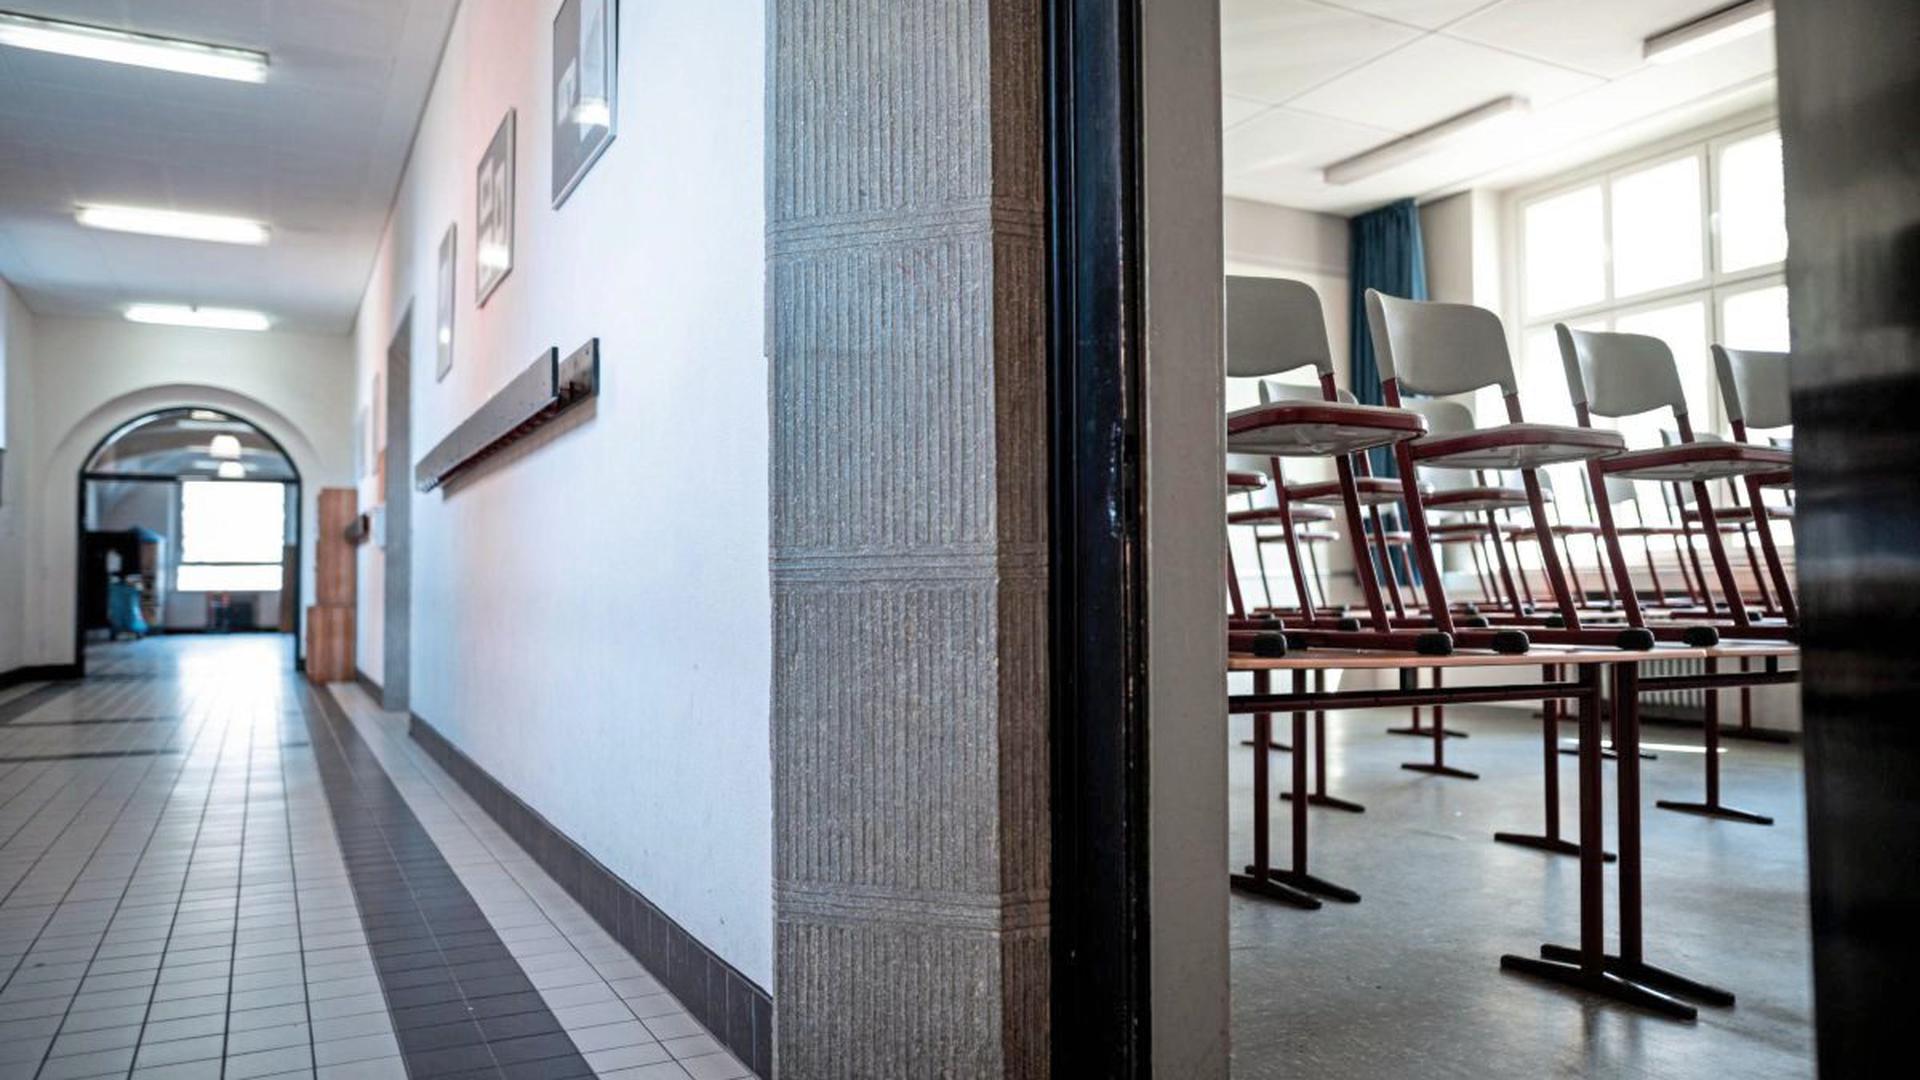 Werden die Gänge und Klassenzimmer in den baden-württembergischen Schulen leer bleiben? In den Augen einiger Abiturienten ist das in Zeiten von Corona die einzige Lösung. Sie fordern eine Absage der Abiturprüfungen.